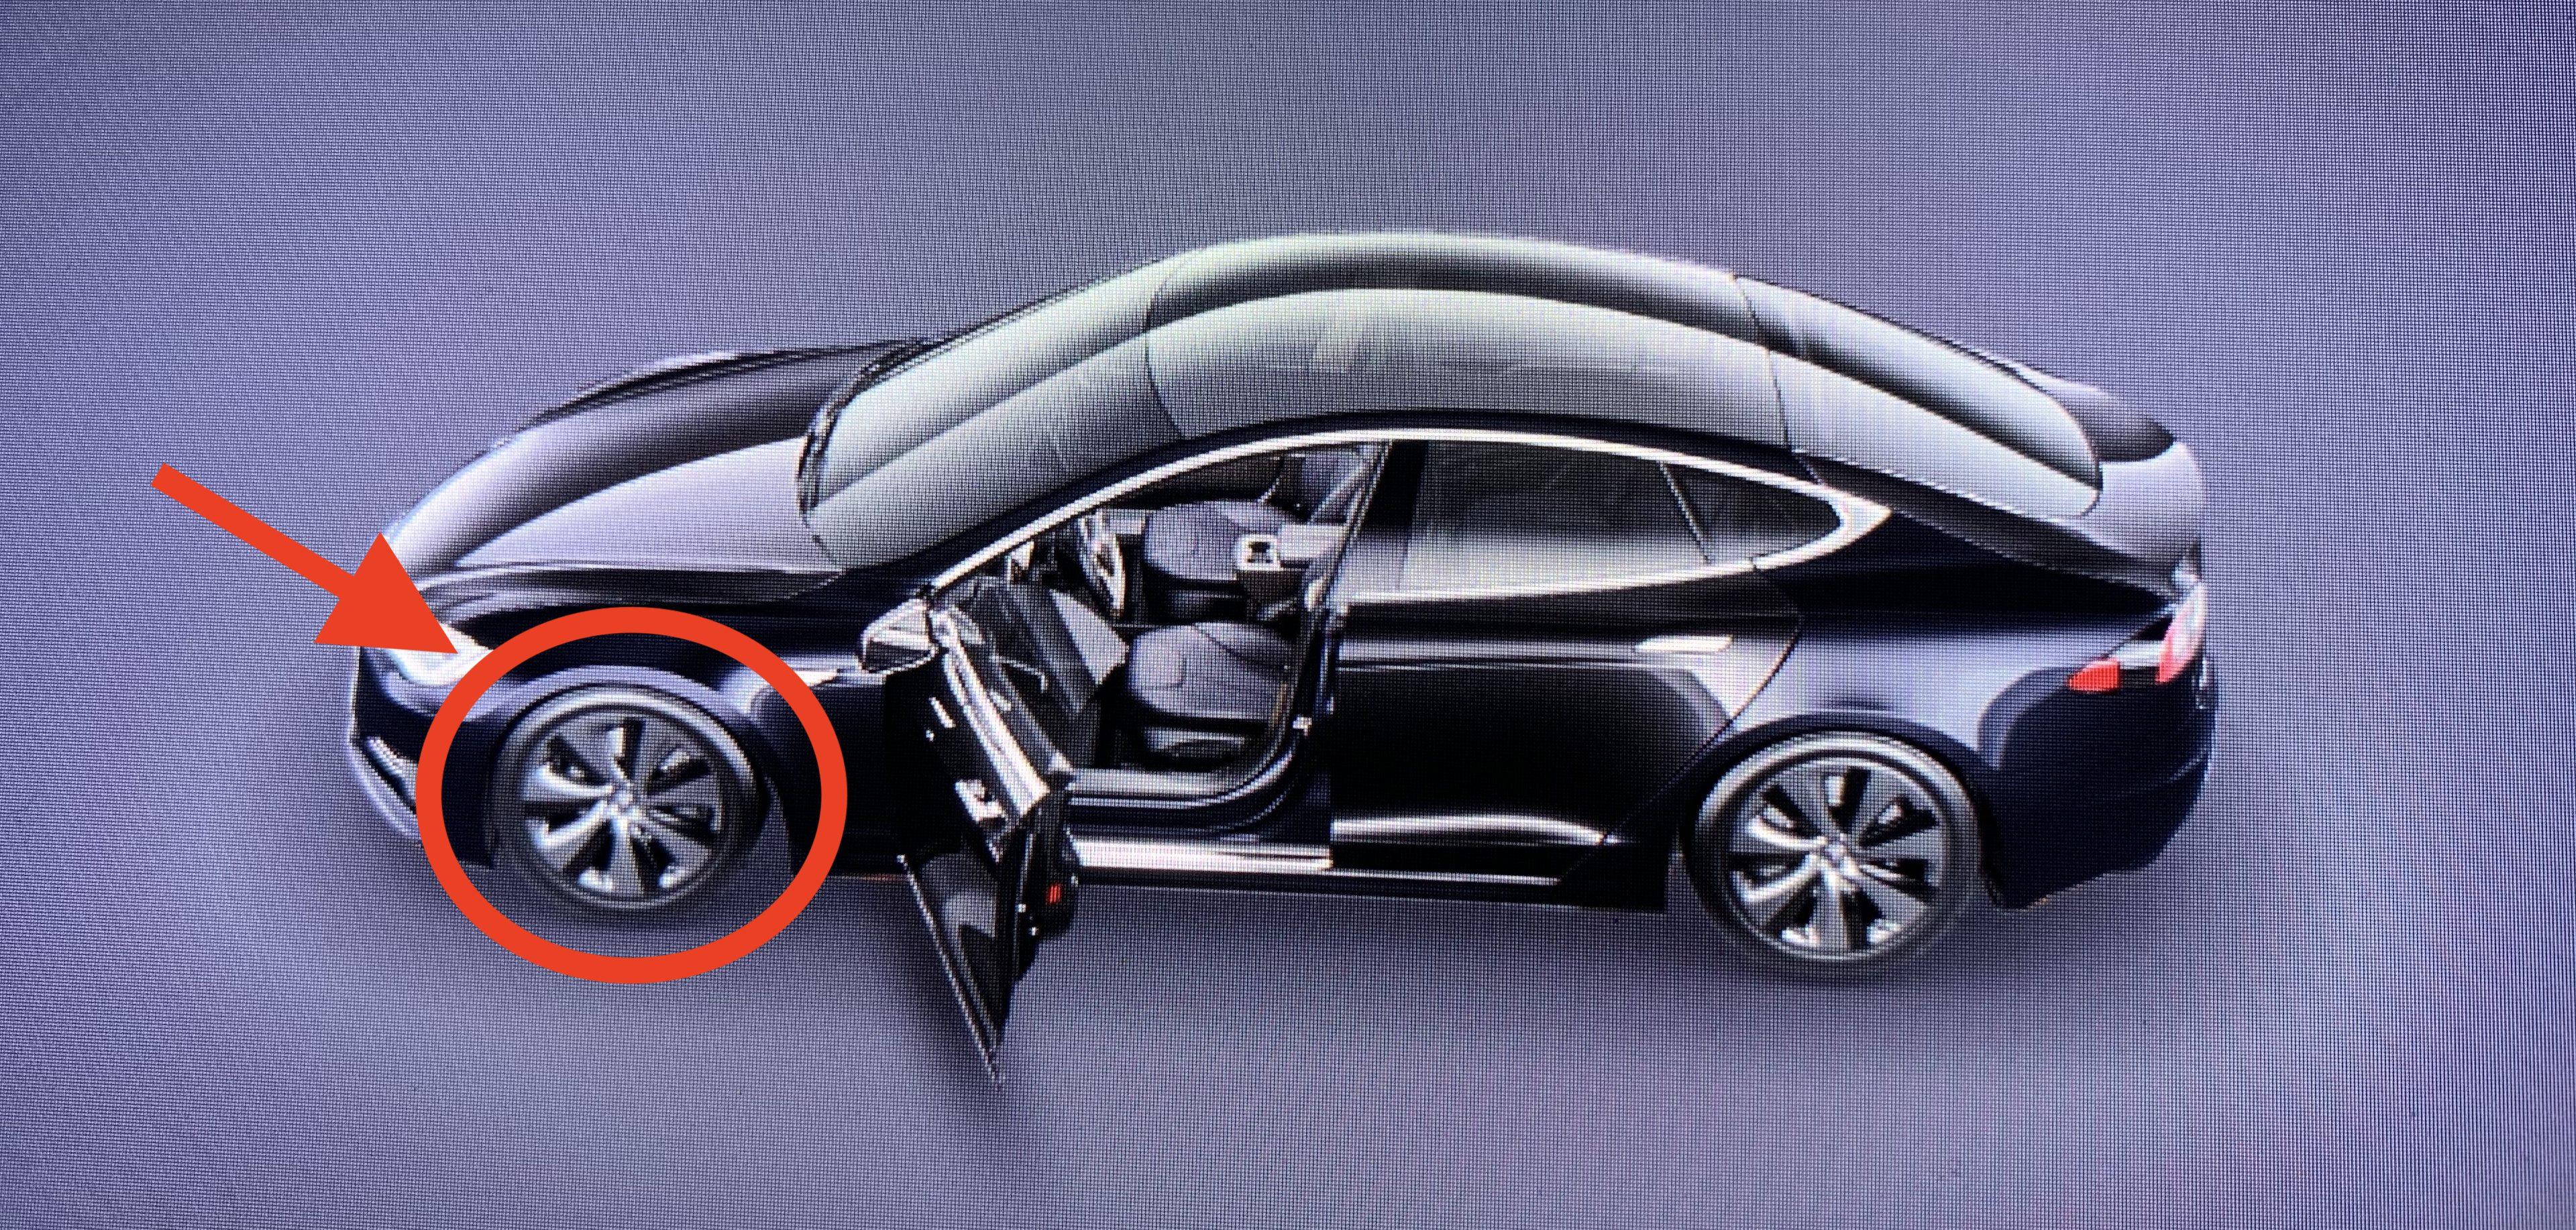 Tesla's new aero wheels leak in software update